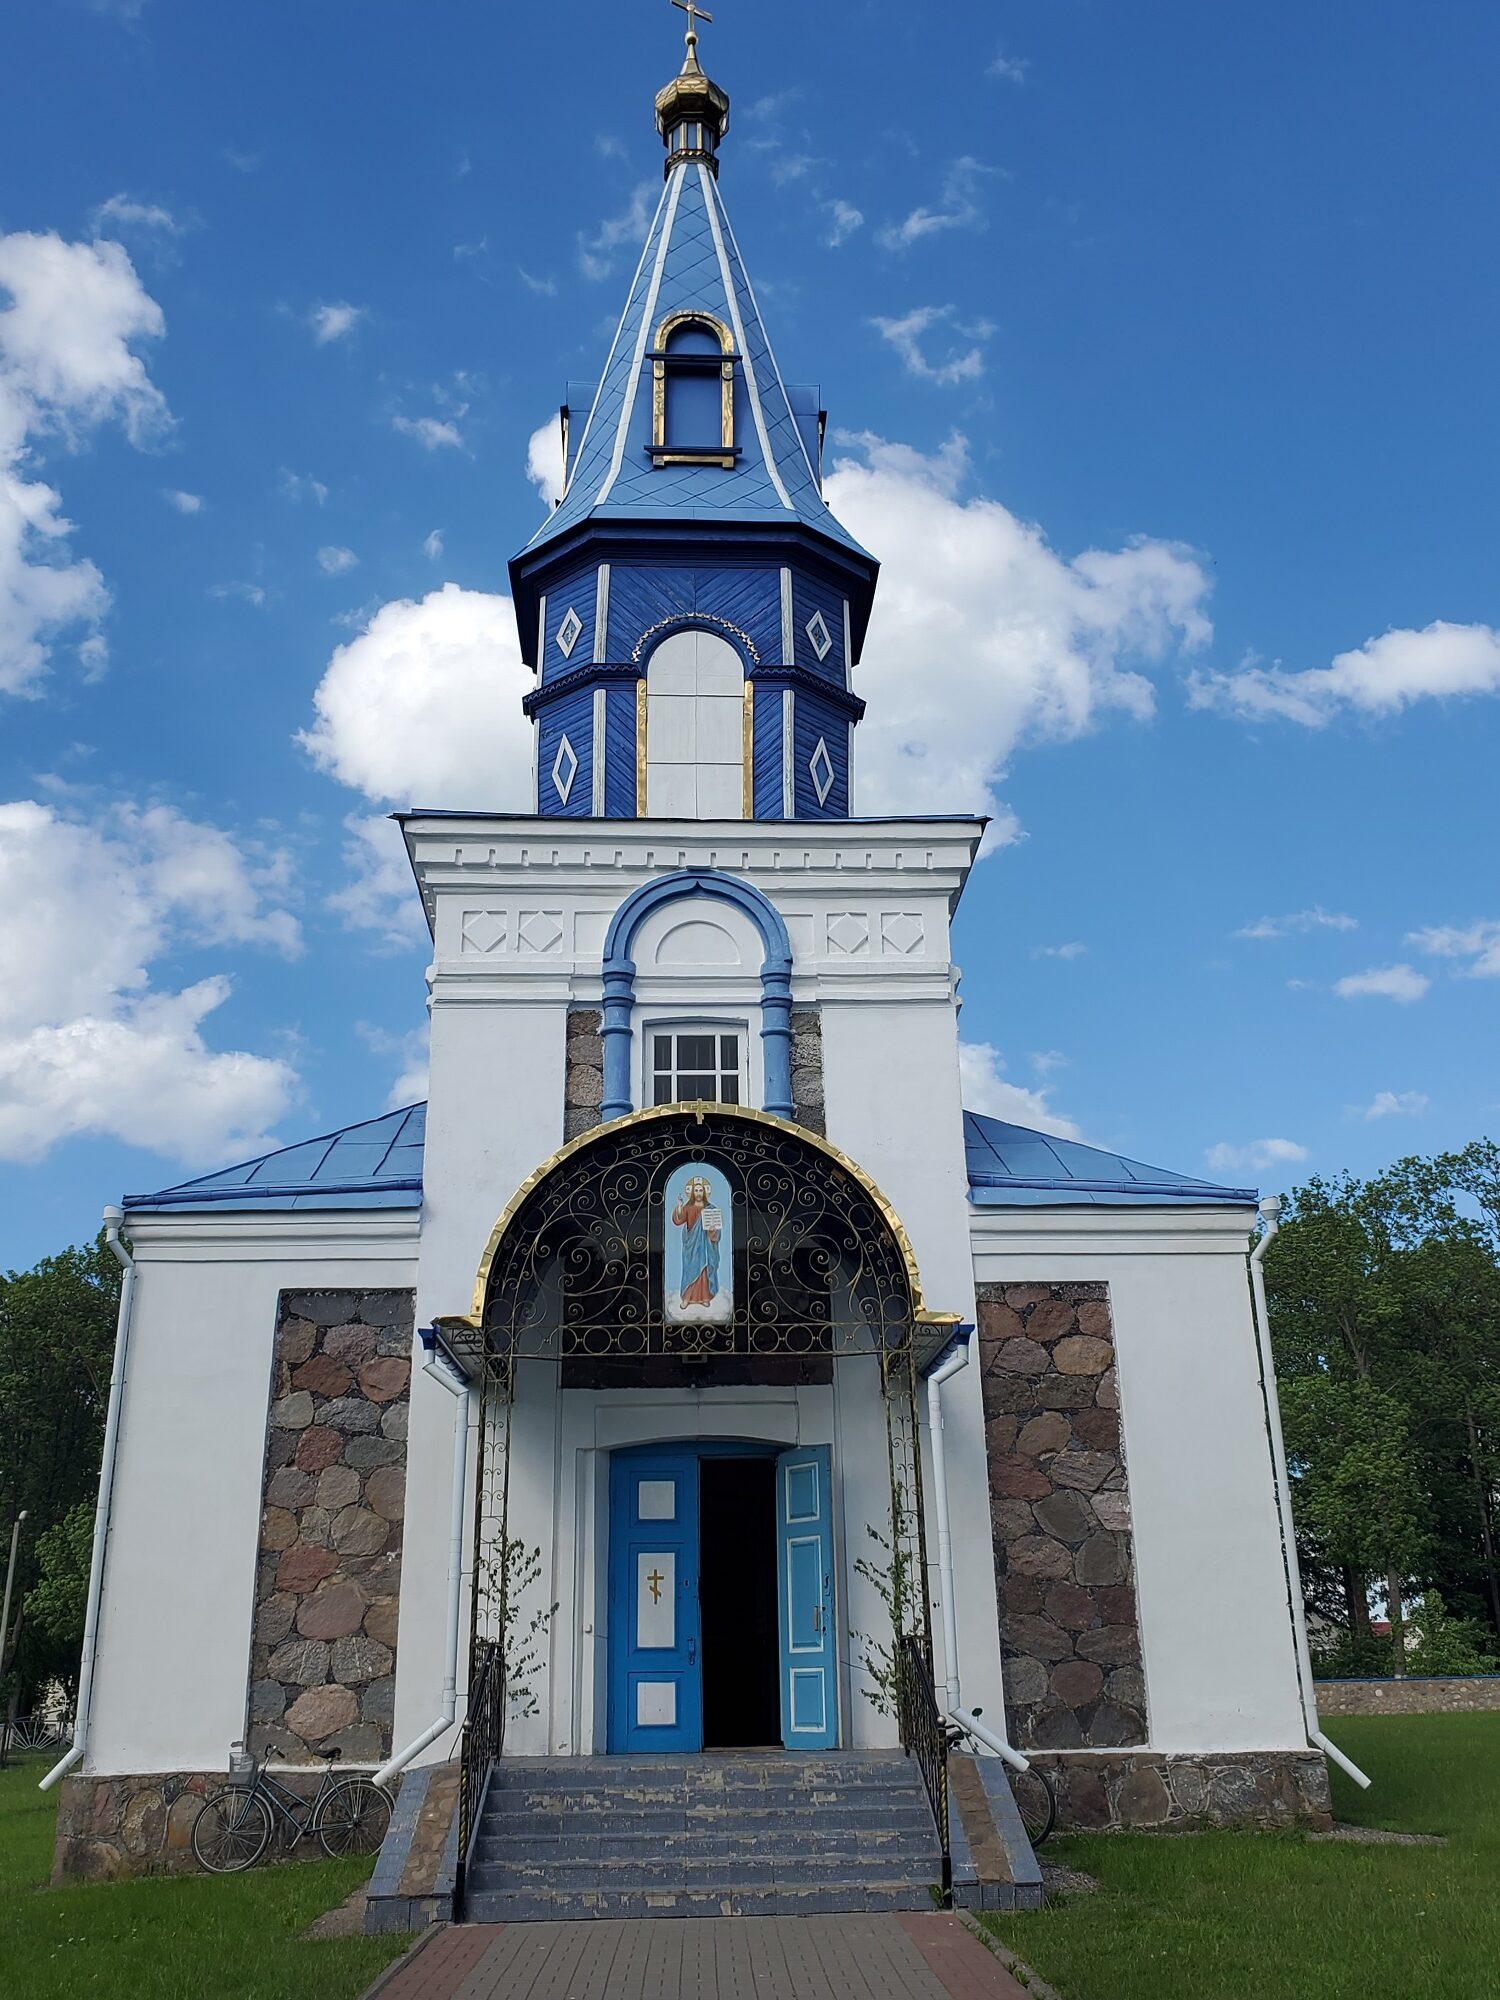 20200606 171559 rotated - Свято-Покровская церковь в Докшицах